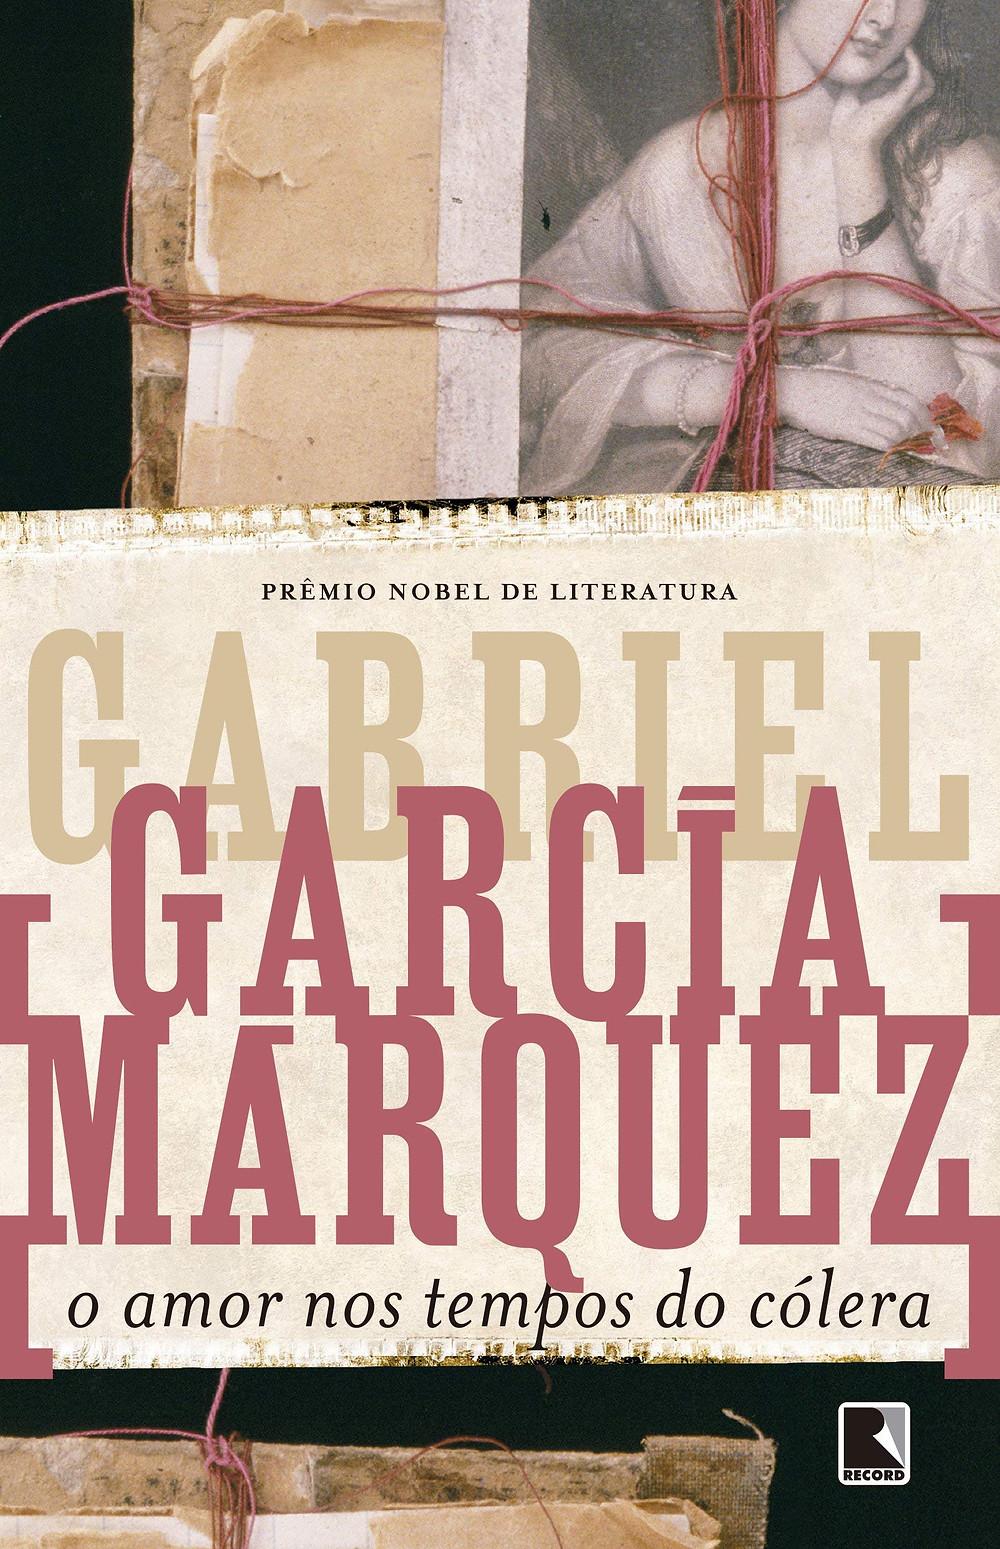 O Amor nos Tempos do Cólera de Gabriel García Márquez